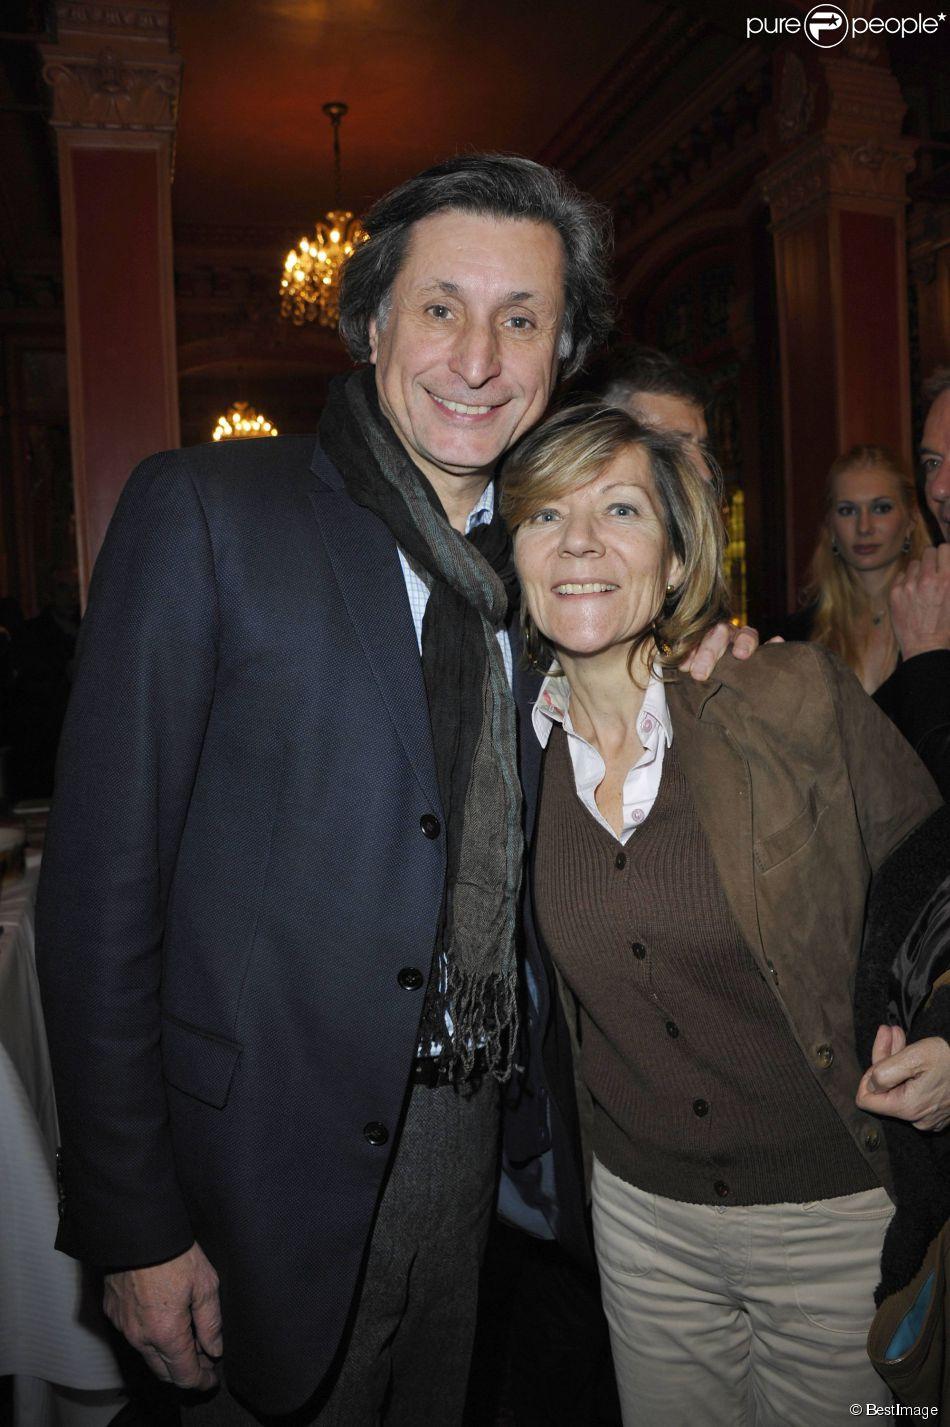 """PATRICK DE CAROLIS ET SA FEMME CAROL ANN - GENERALE DE LA PIECE """"HAROLD ET MAUDE"""" AU THEATRE ANTOINE A PARIS, le 5 MARS 2012 05/03/2012 - PARIS"""